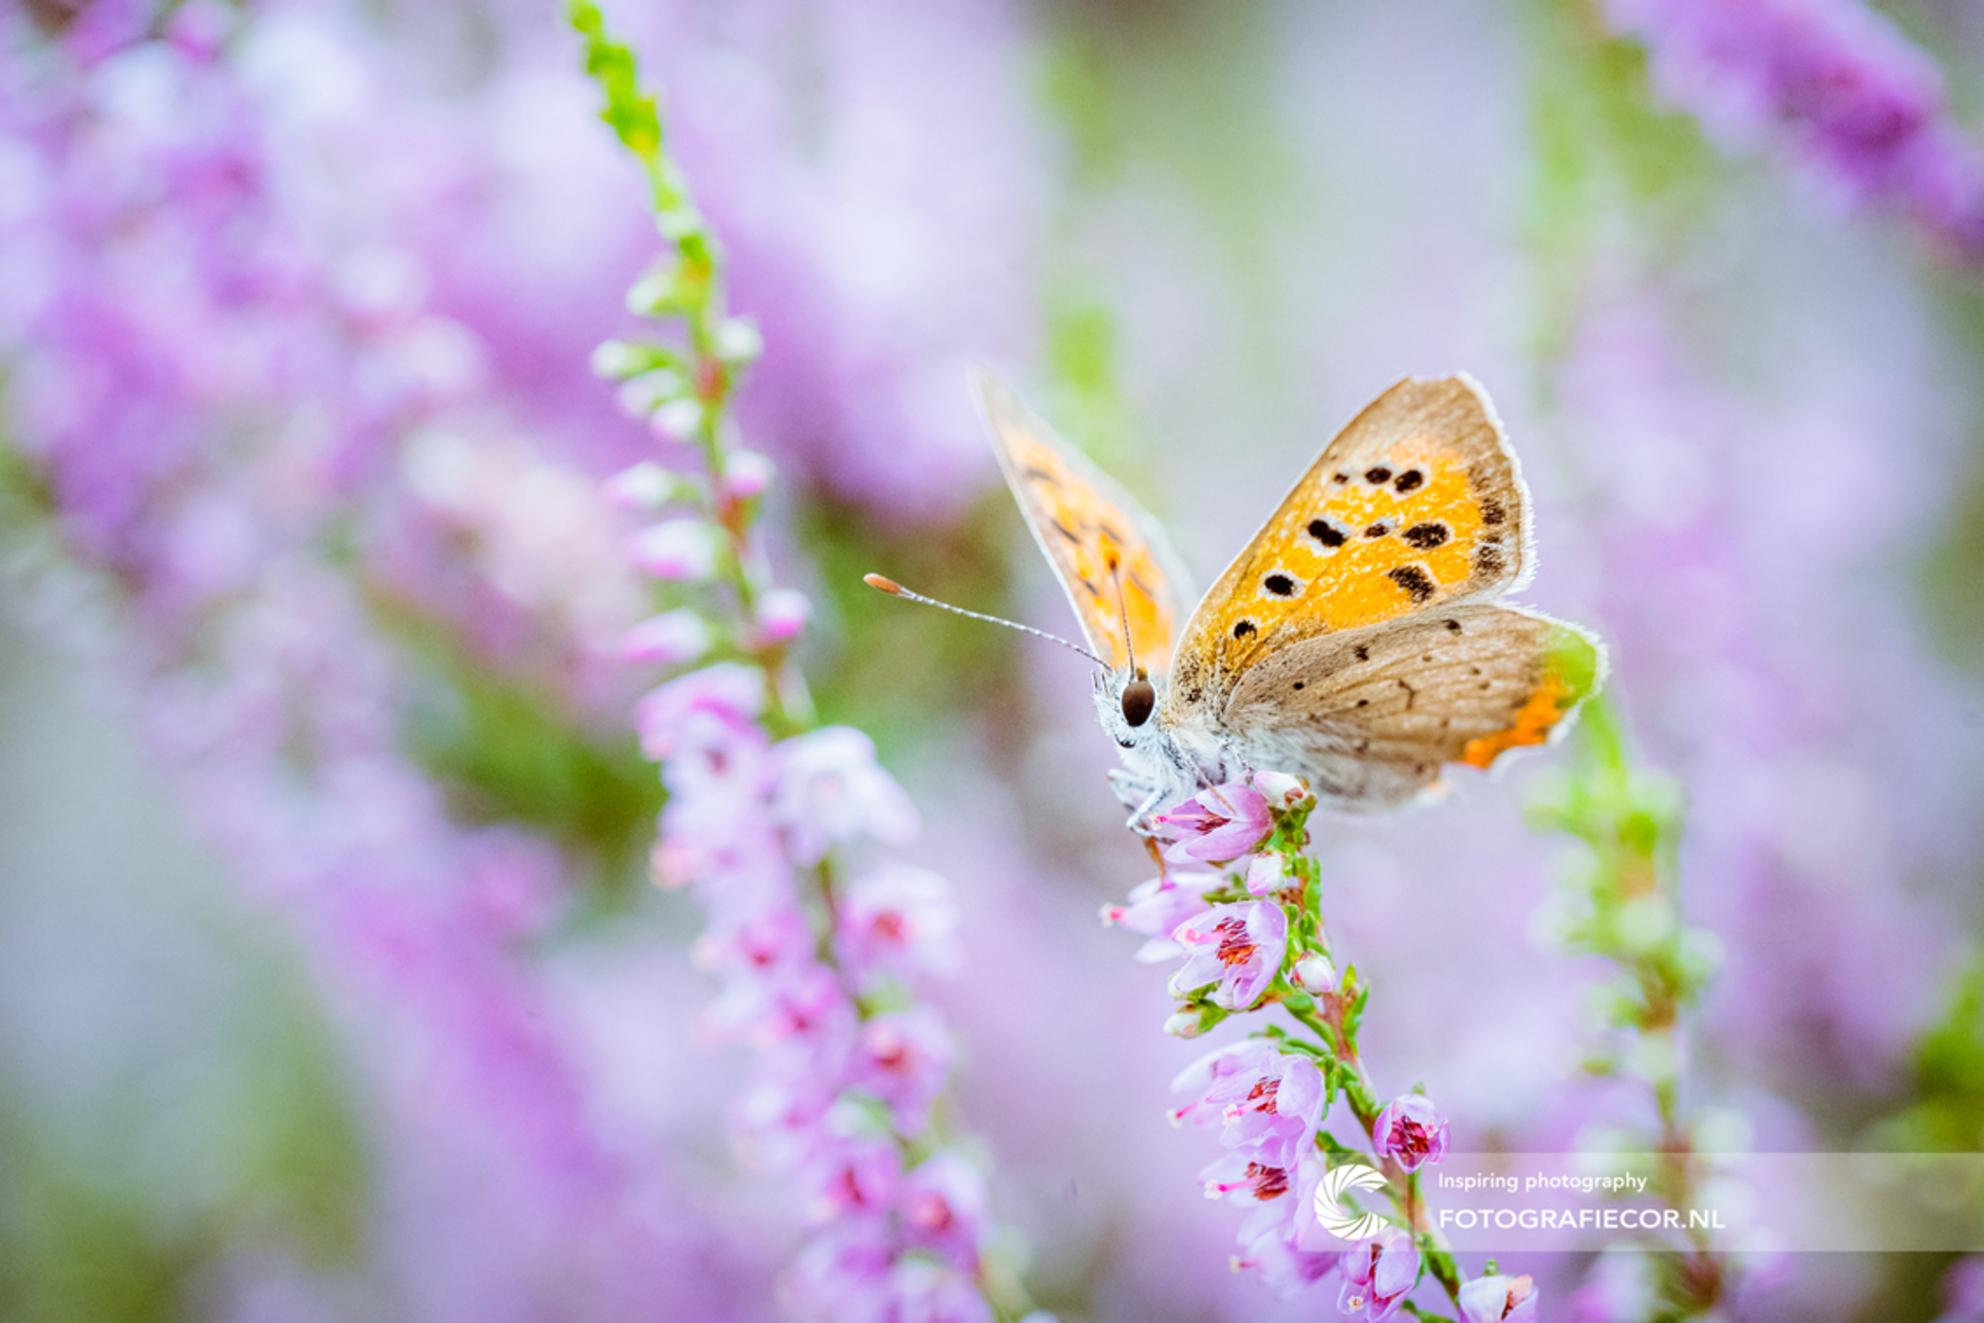 Kleine heidevlinder op een tak - Het heideblauwtje (Plebeius argus) is een vlinder die vooral op vochtige heide kan worden aangetroffen.  Het zijn kleine vlinders met een spanwijdt - foto door Fotografiecor op 25-12-2020 - deze foto bevat: roze, groen, paars, macro, natuur, vlinder, blauwtje, licht, oranje, herfst, tegenlicht, insect, vlindertuin, dof - Deze foto mag gebruikt worden in een Zoom.nl publicatie